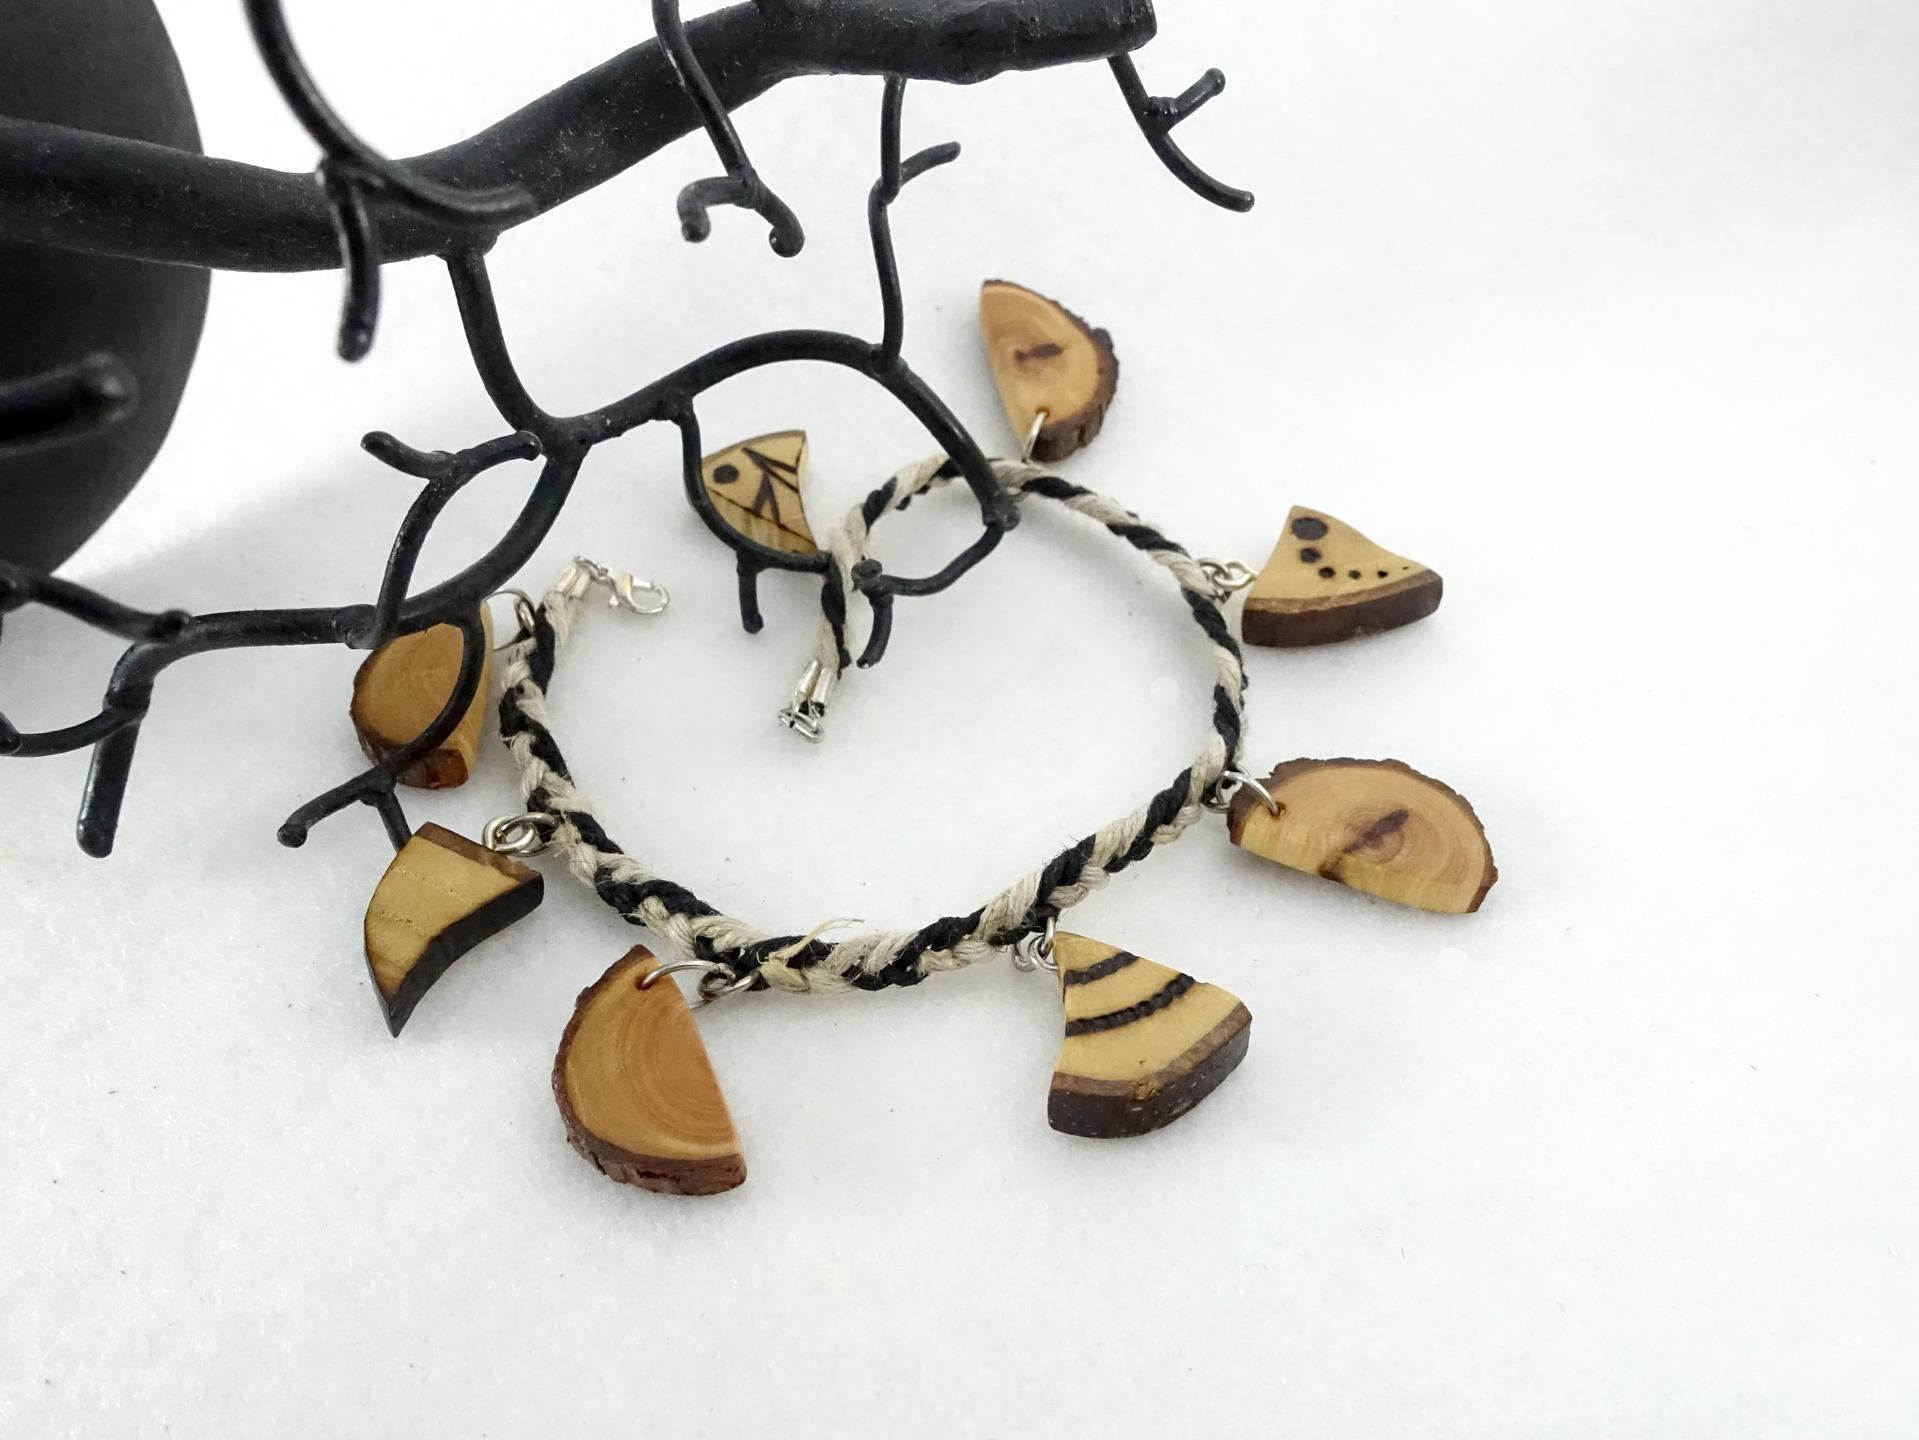 bracelet-bracelet-de-cheville-petites-piec-15775325-bracelet-chevil-jpg-8ad93_big